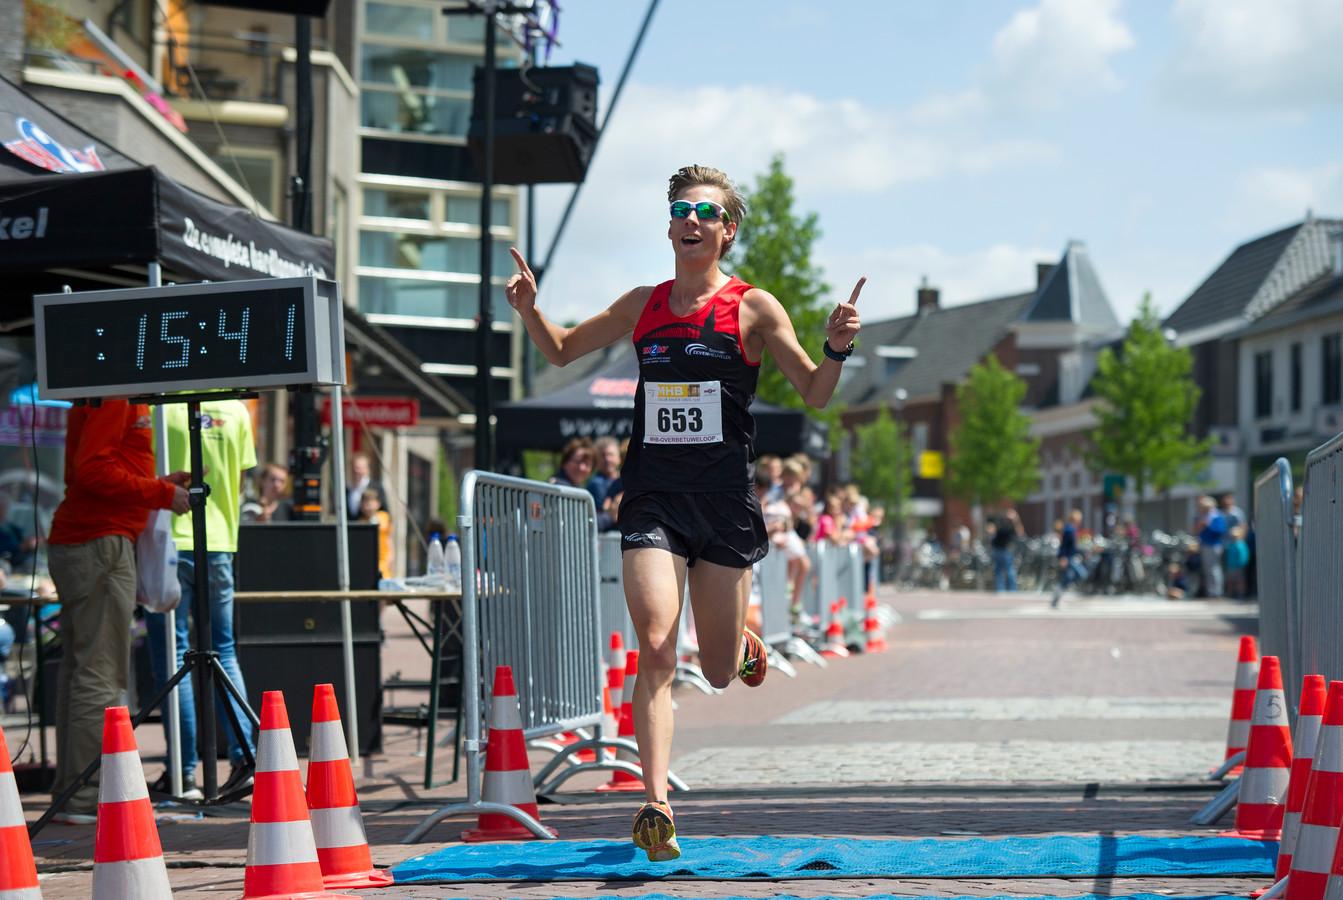 Wesley Mols klokt een nieuwe toptijd op de 5 kilometer van de Overbetuweloop (15.42). De triatleet uit Nijmegen loopt nog weleens regionale hardloopwedstrijden, ook al training.